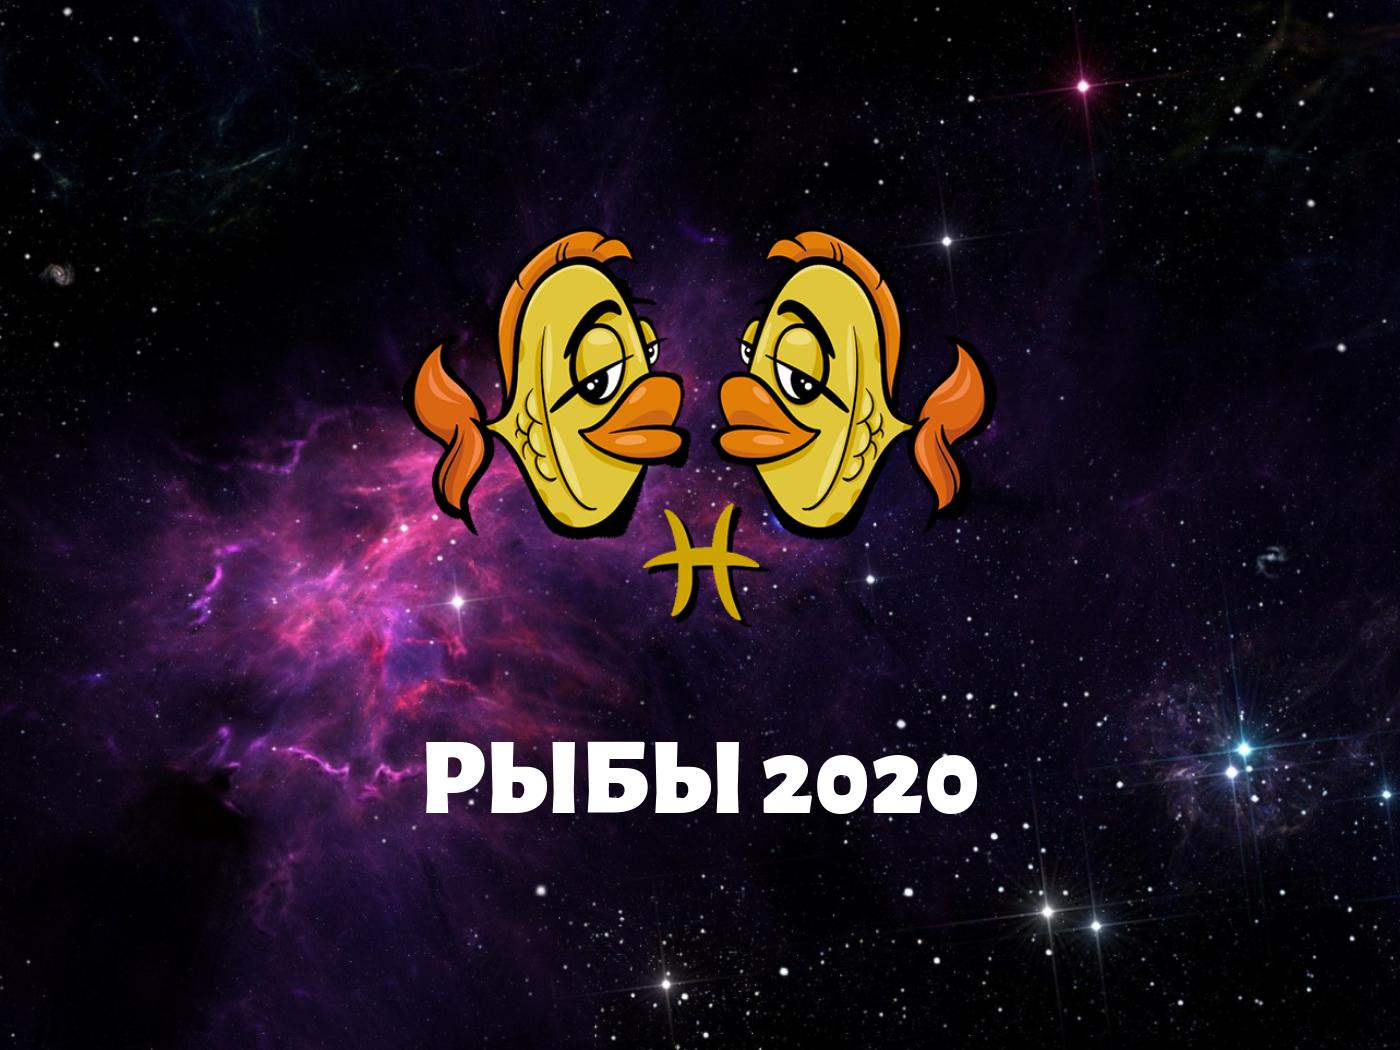 гороскоп Рыбы 2020